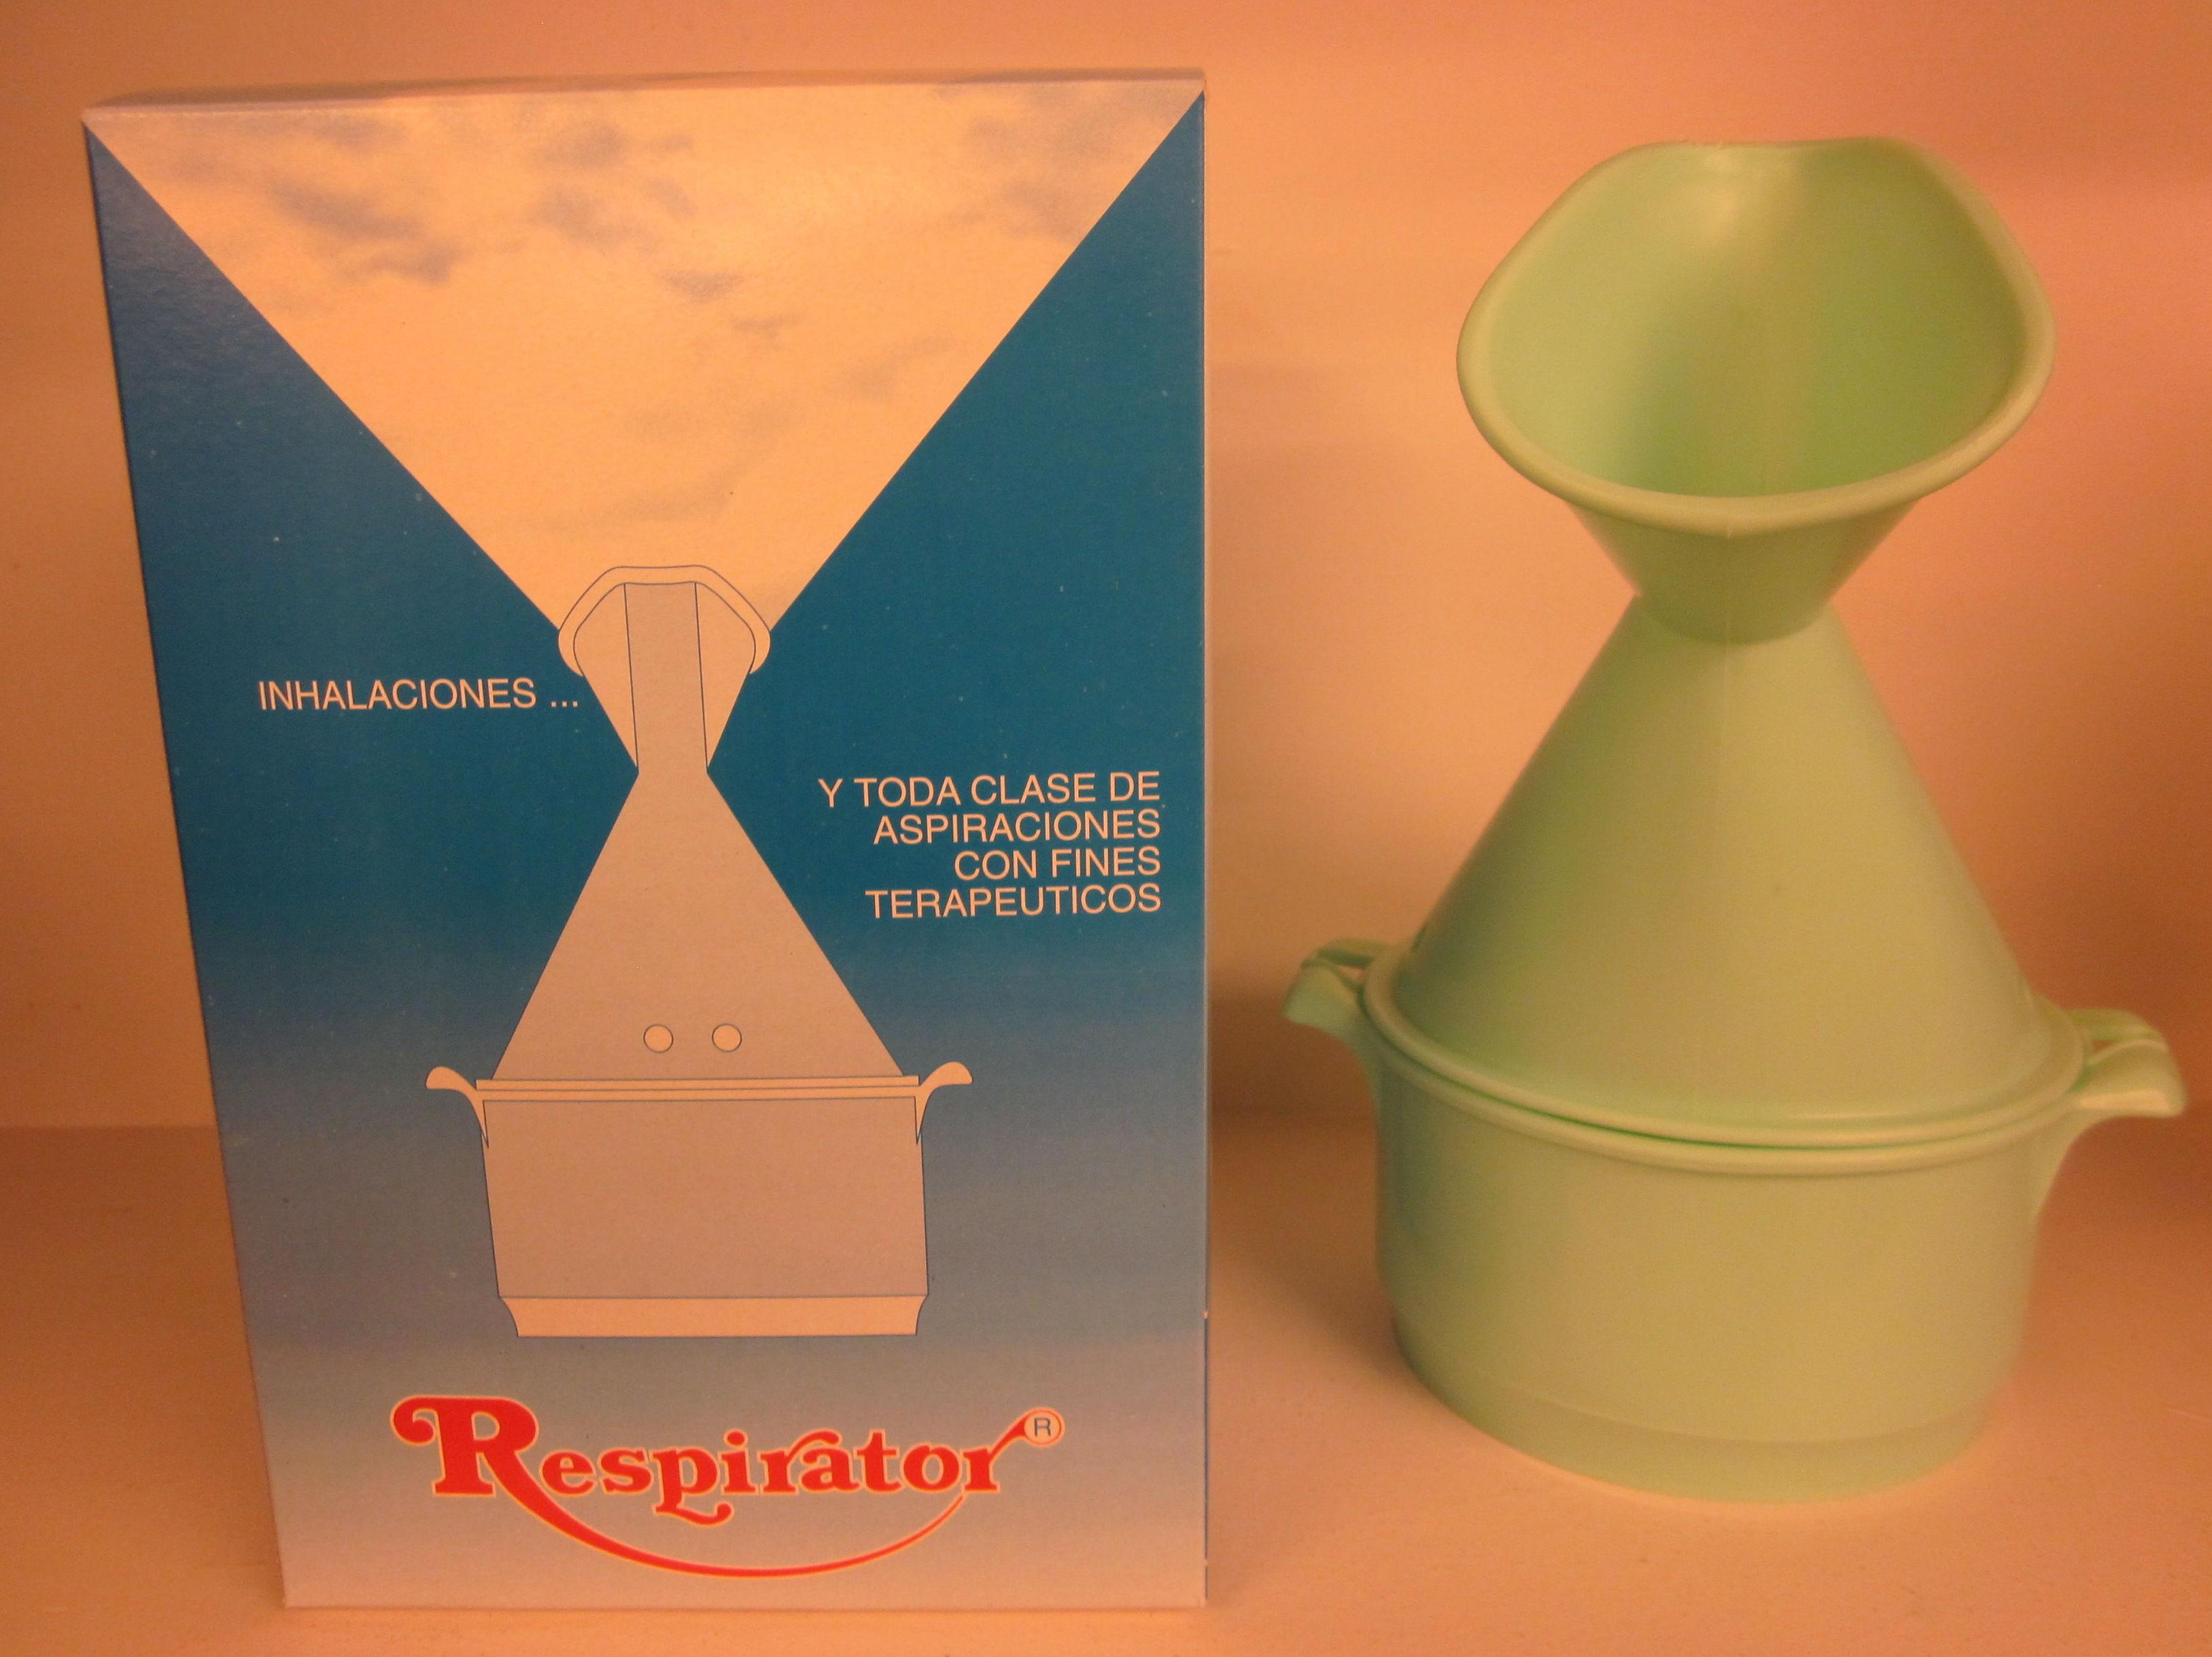 Inhalador: Catálogo de Ortopedia Crif